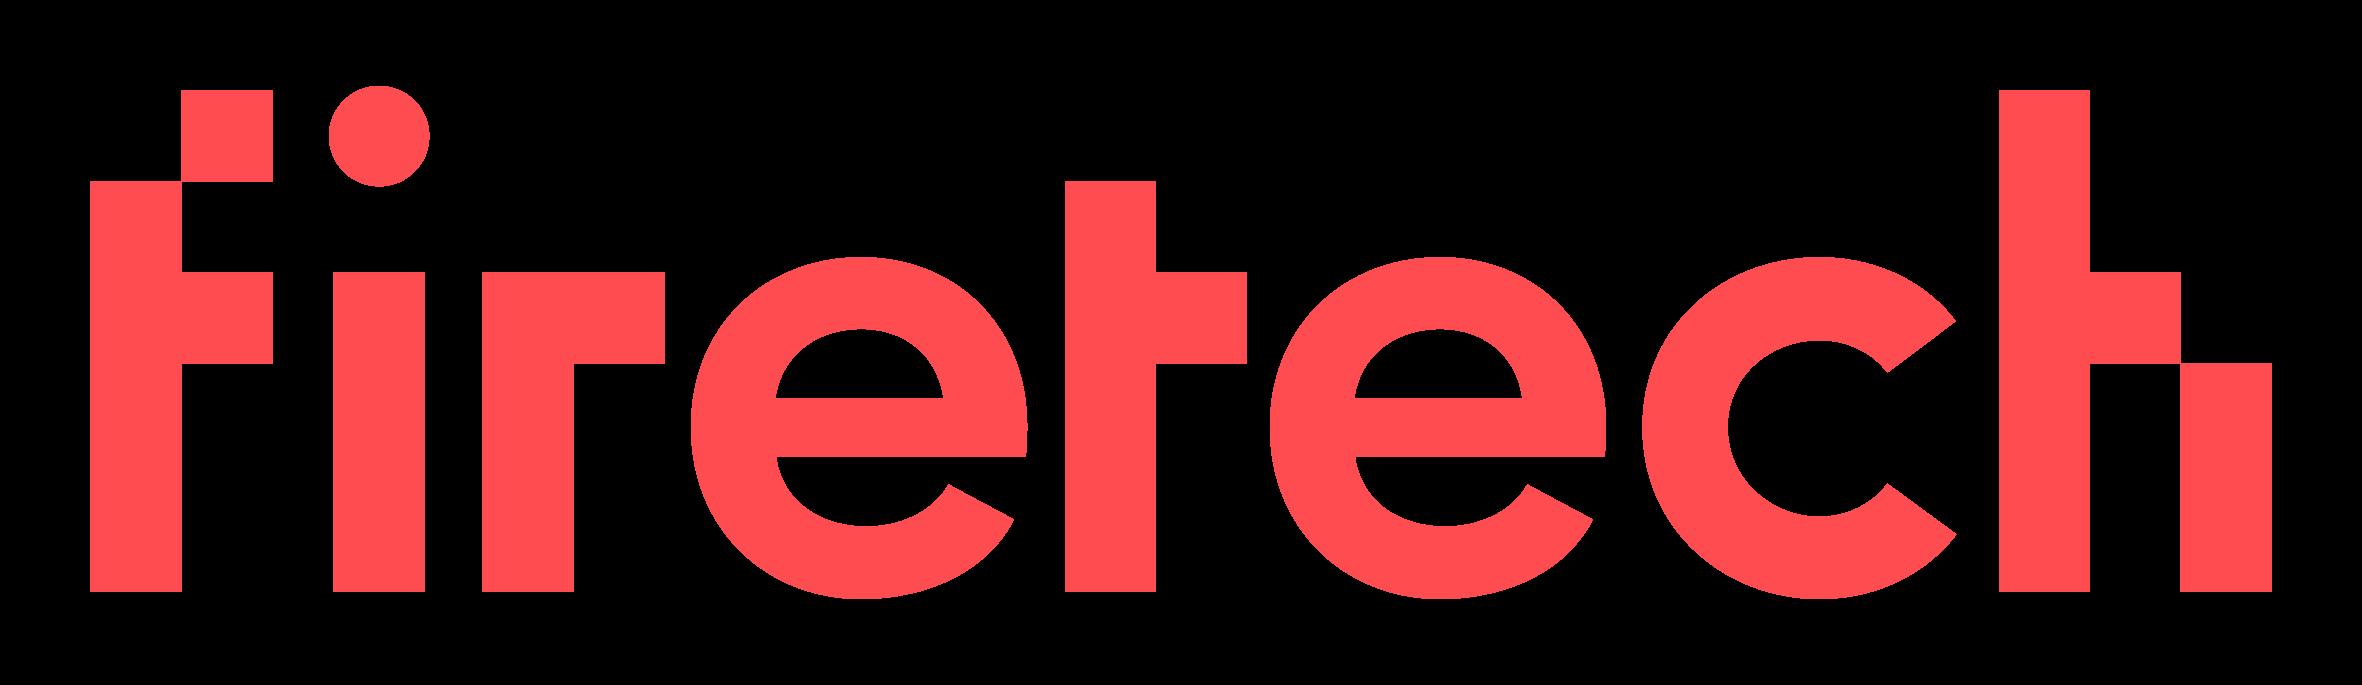 FireTech_Logotype_Colour_RGB.png